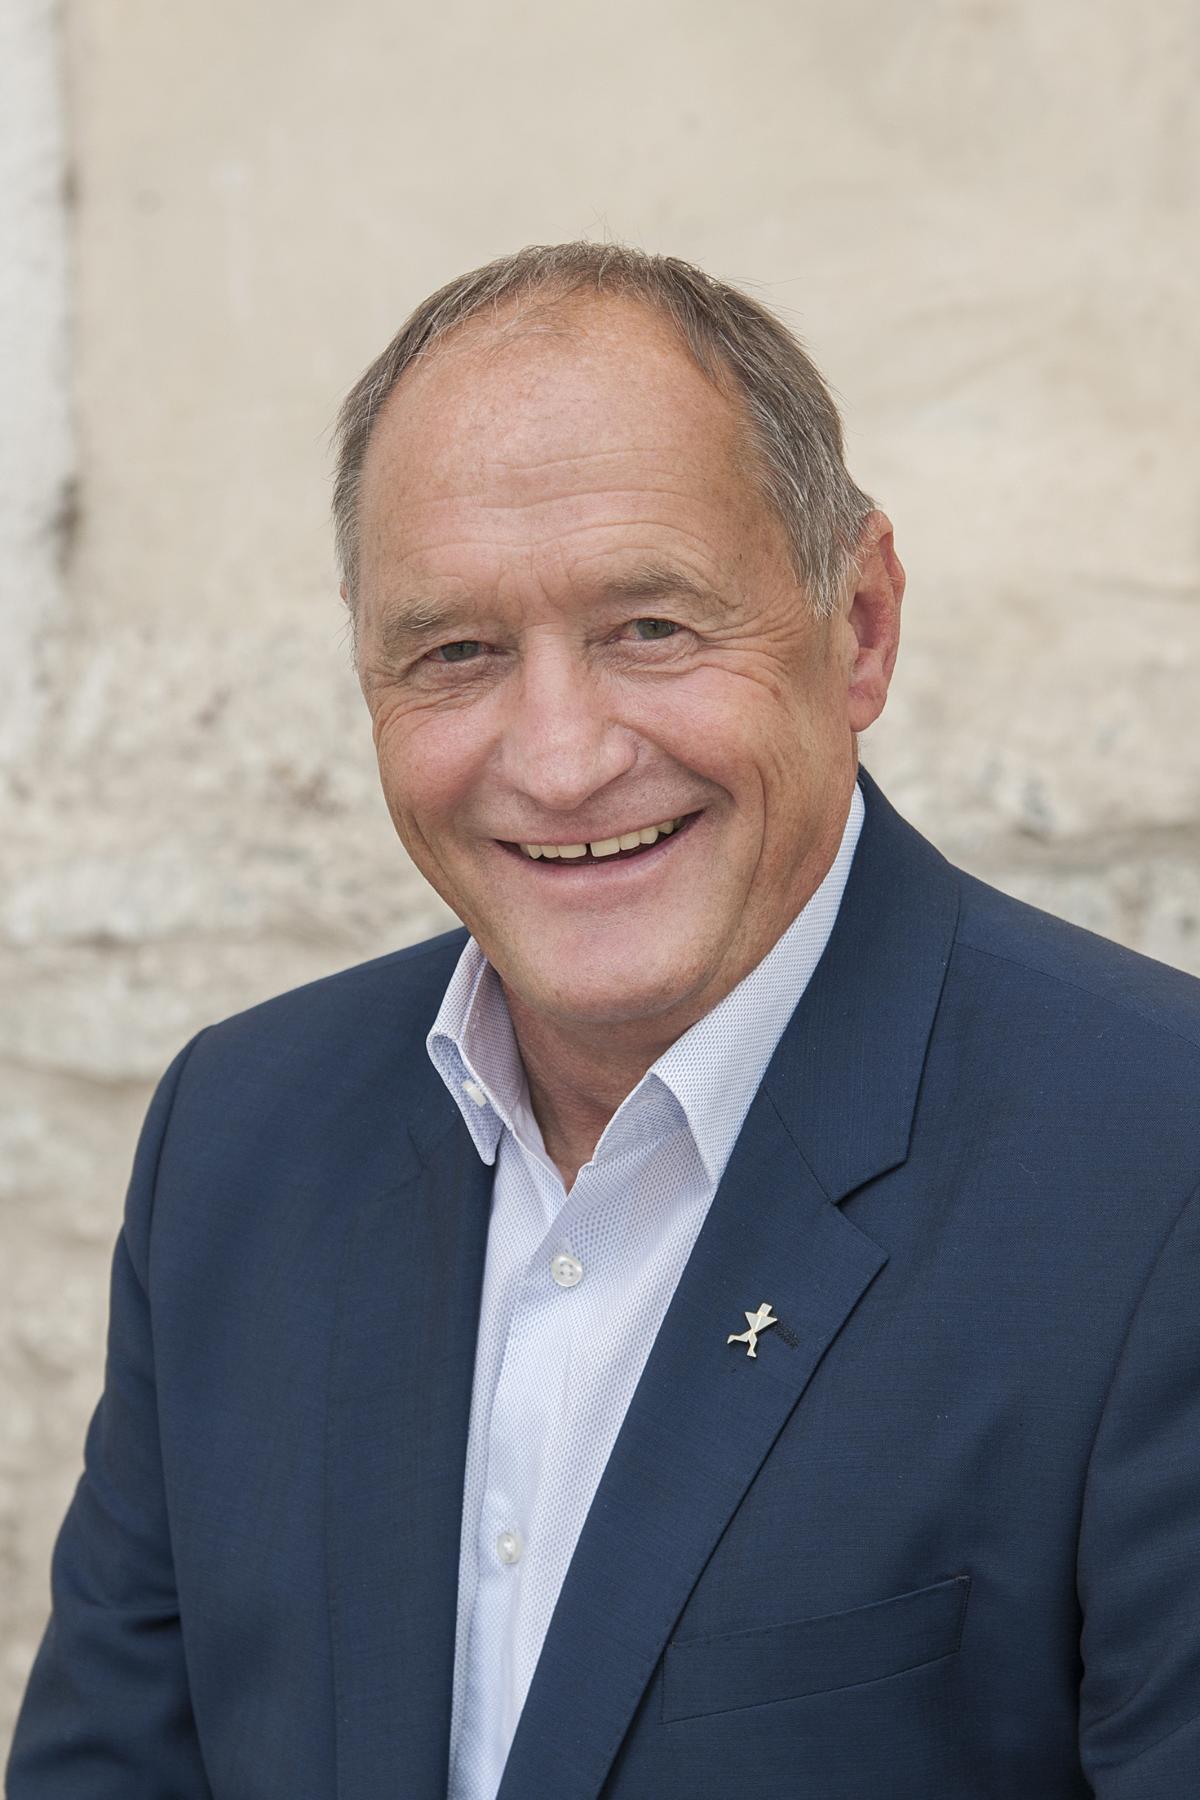 Bürgermeister Kronlechner Josef